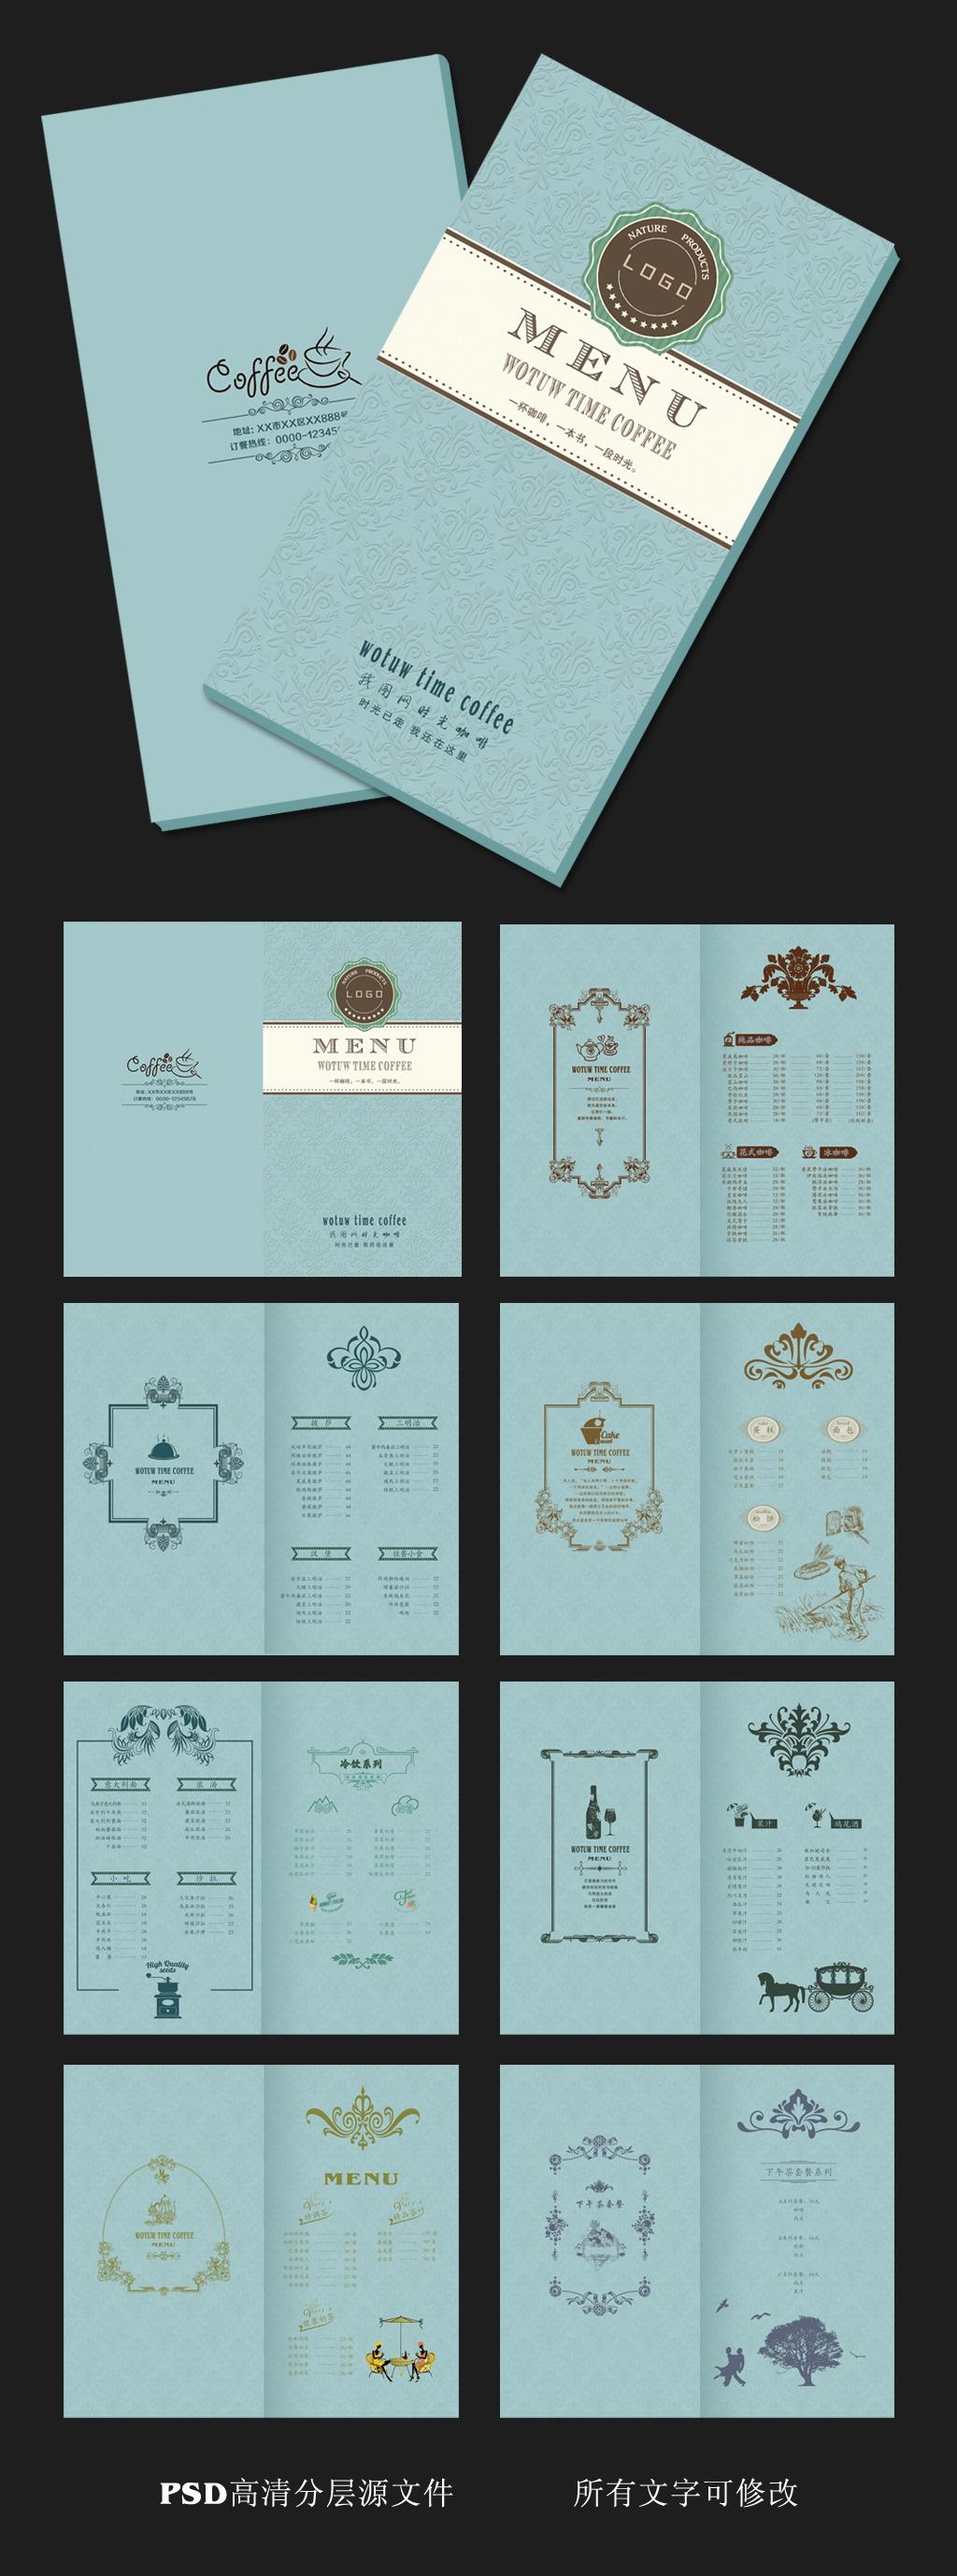 咖啡厅菜谱设计欧式简约点菜单宣传单